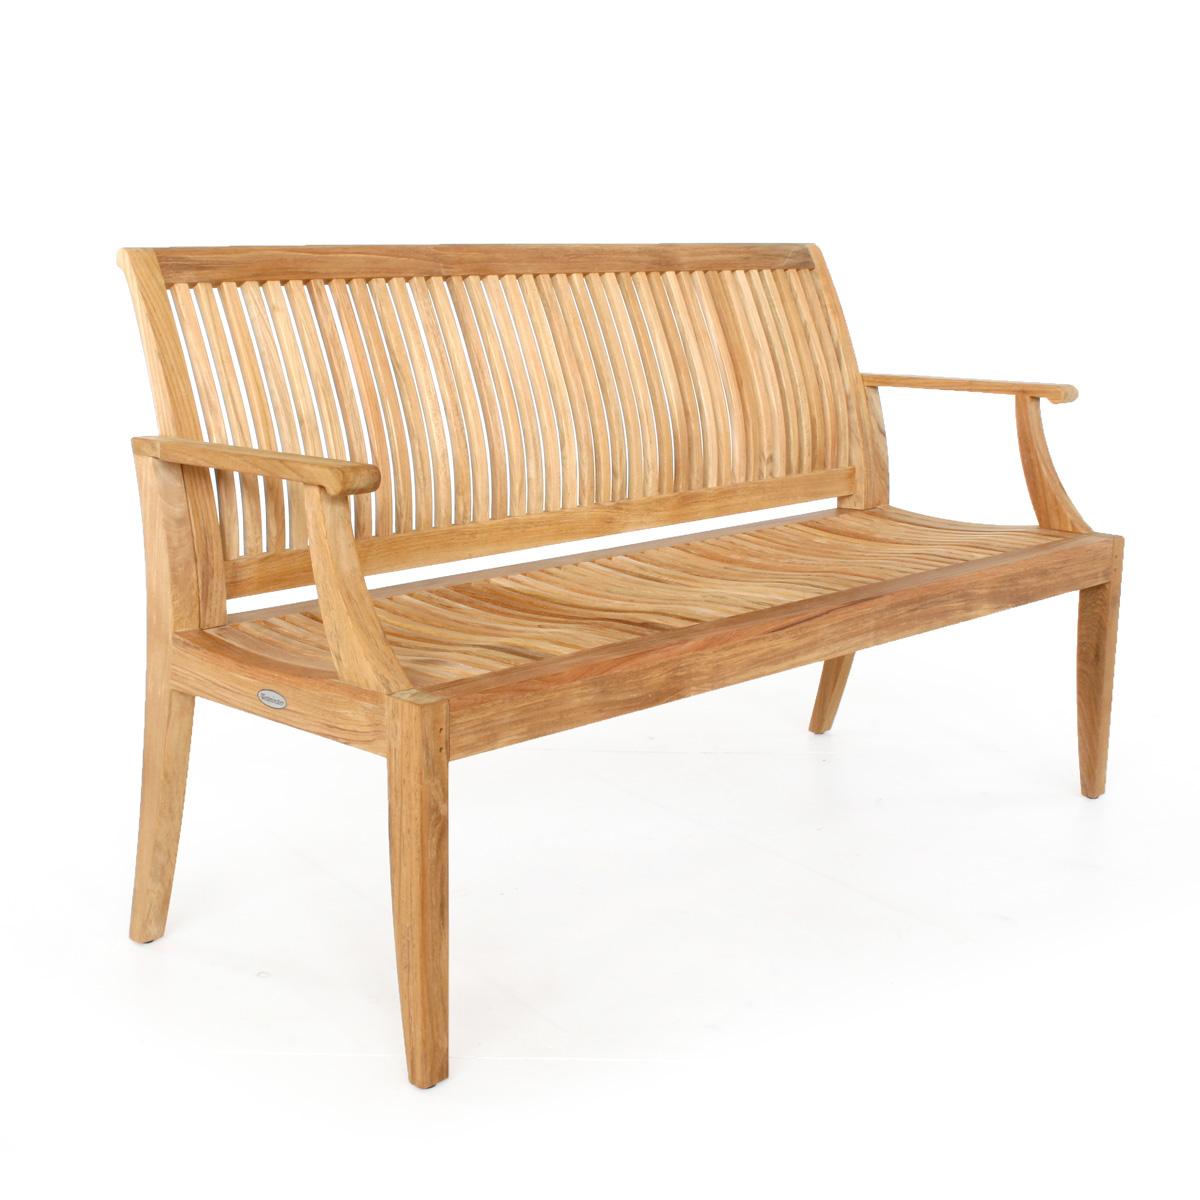 Laguna Teak Outdoor Bench 5 Ft Commercial Grade Westminster Teak Outdoor Furniture